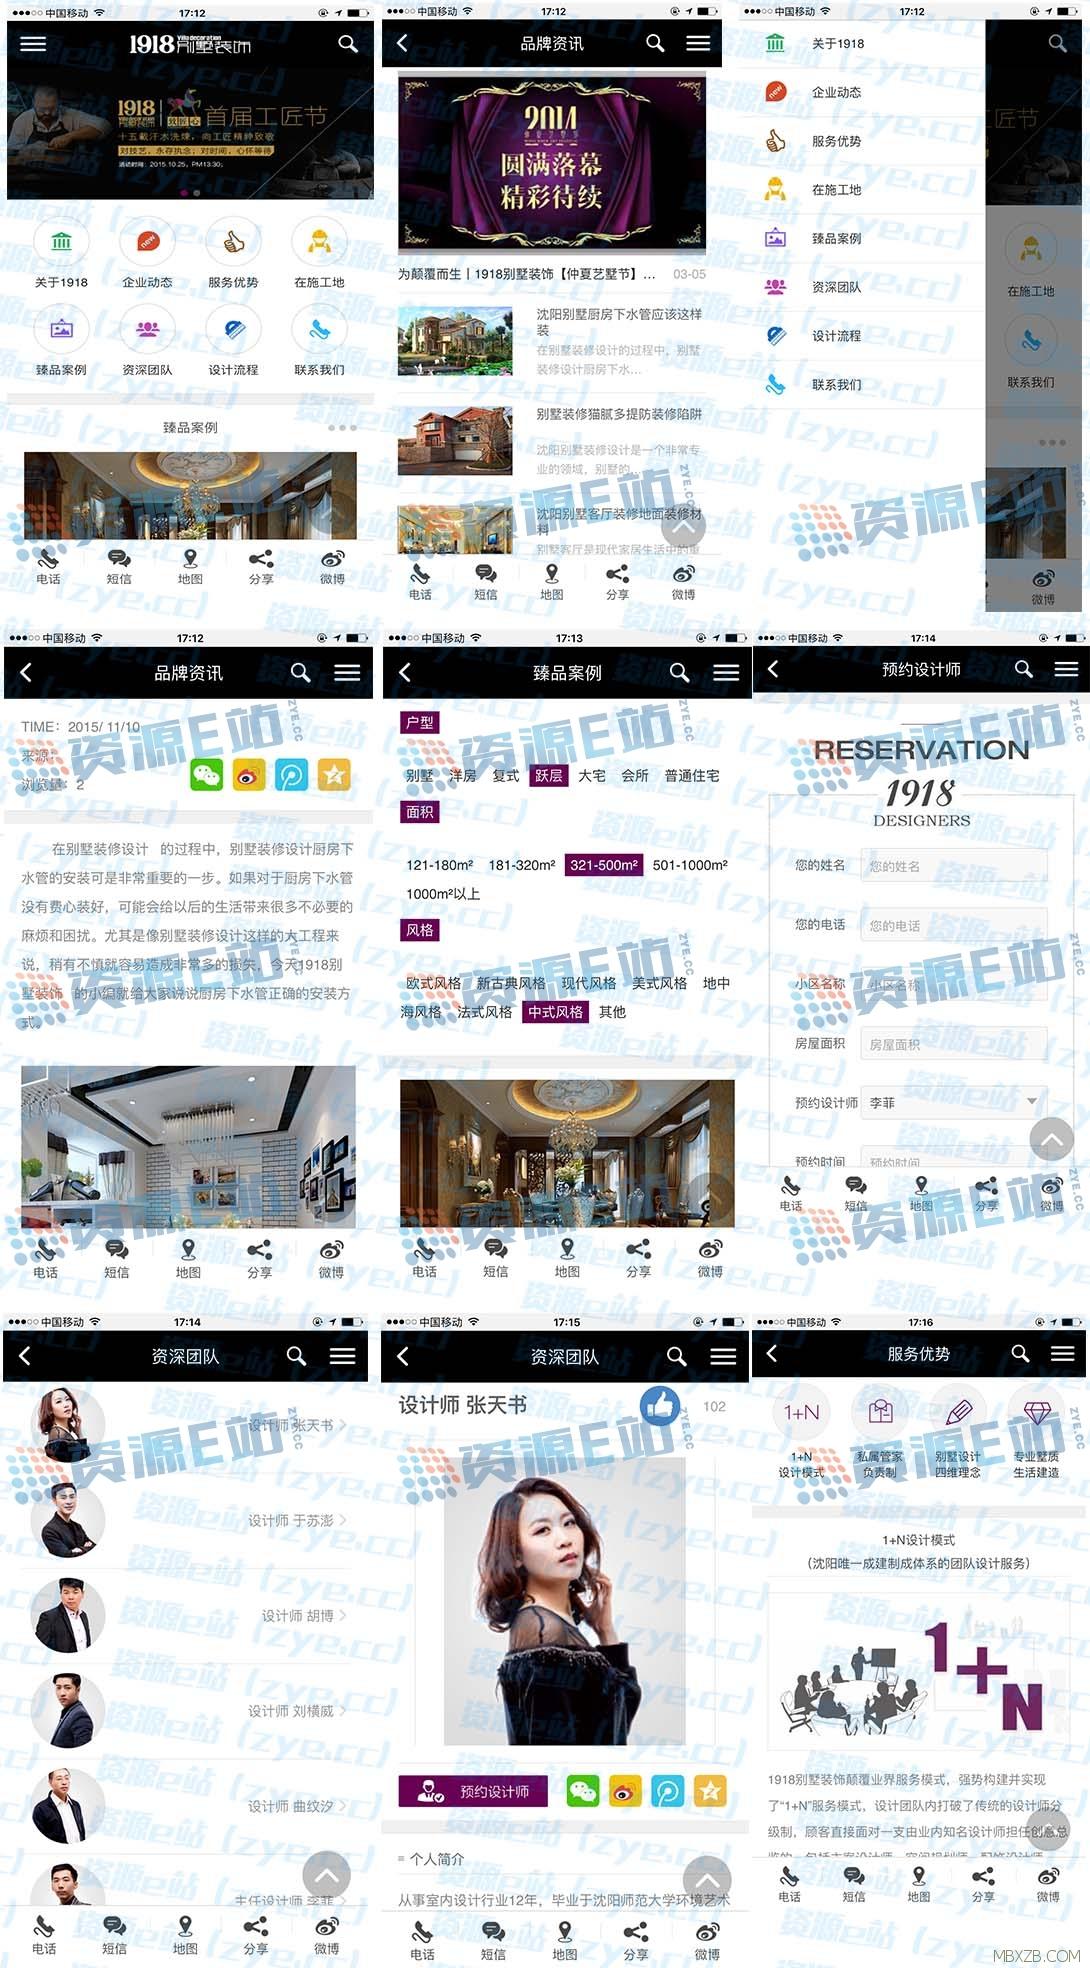 全网首发-精品装修装饰公司整站源码+WAP漂亮手机端 - 第7张   资源e站(Zye.cc)